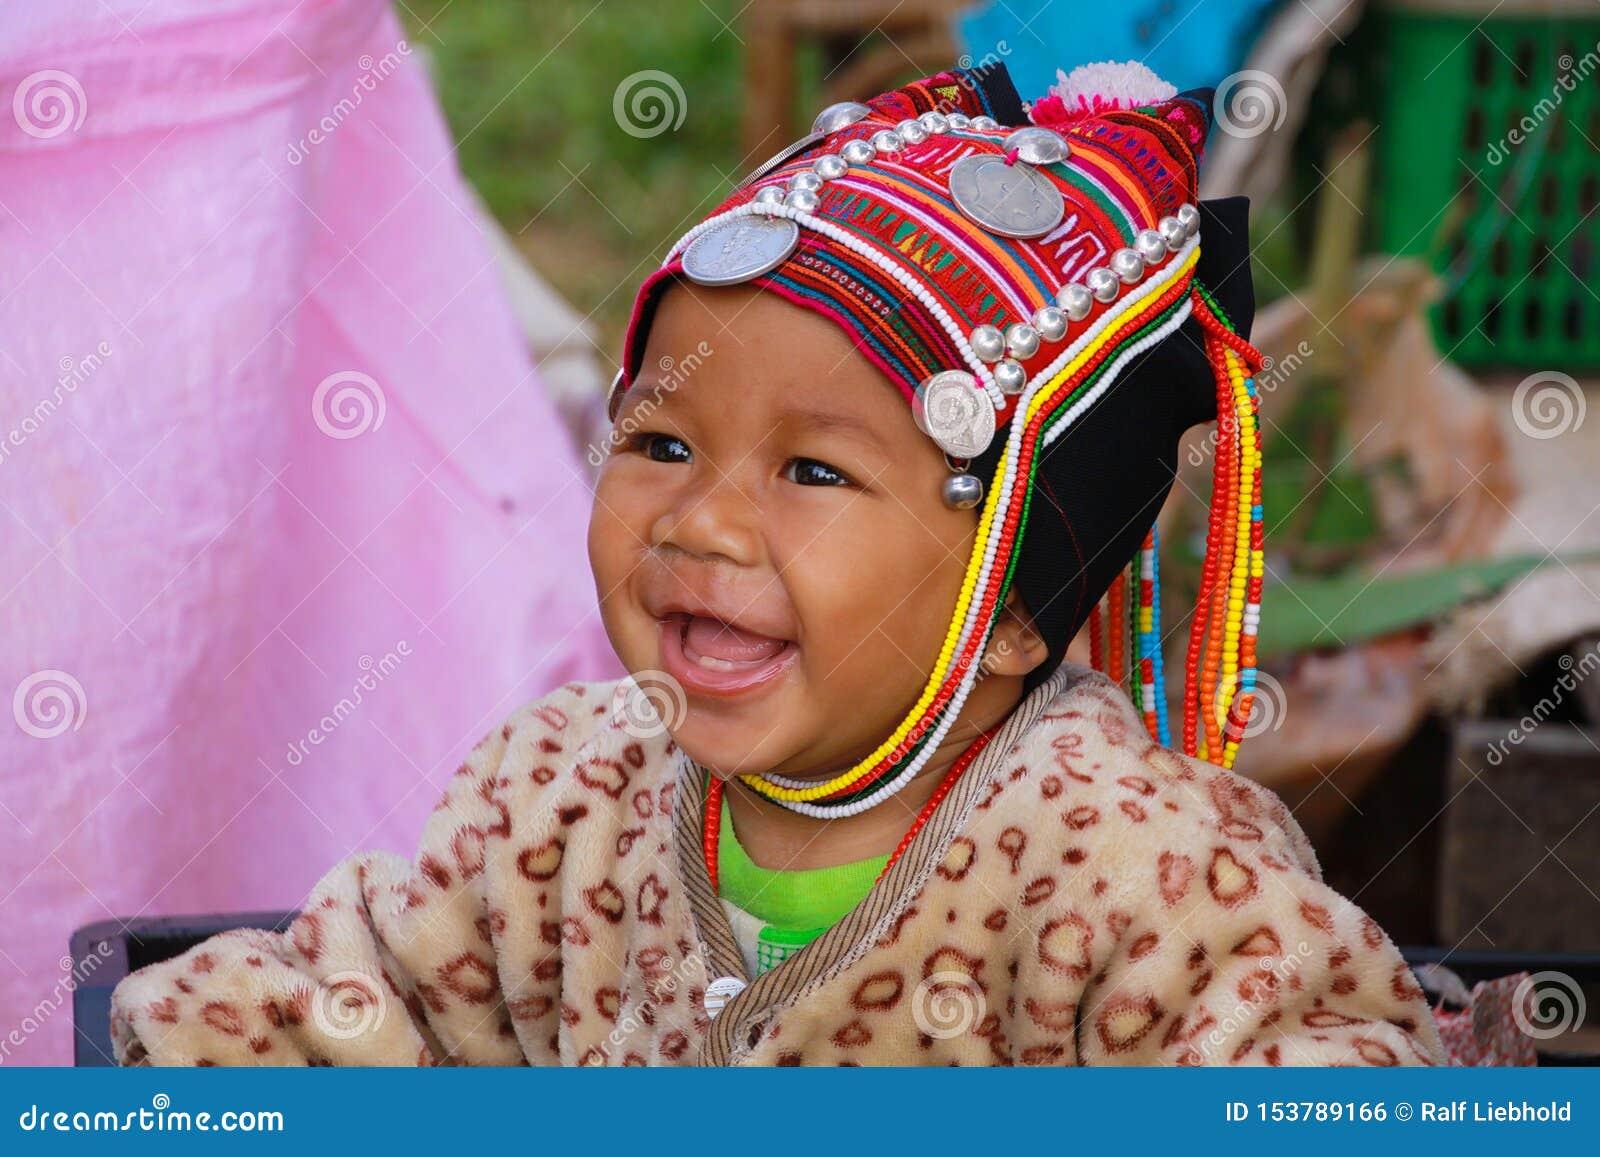 MAE SALONG, THAILAND - 17. DEZEMBER 2017: Porträt eines glücklichen Kleinkindbabys von Akha-Bergvolk in einem Einkaufskasten auf